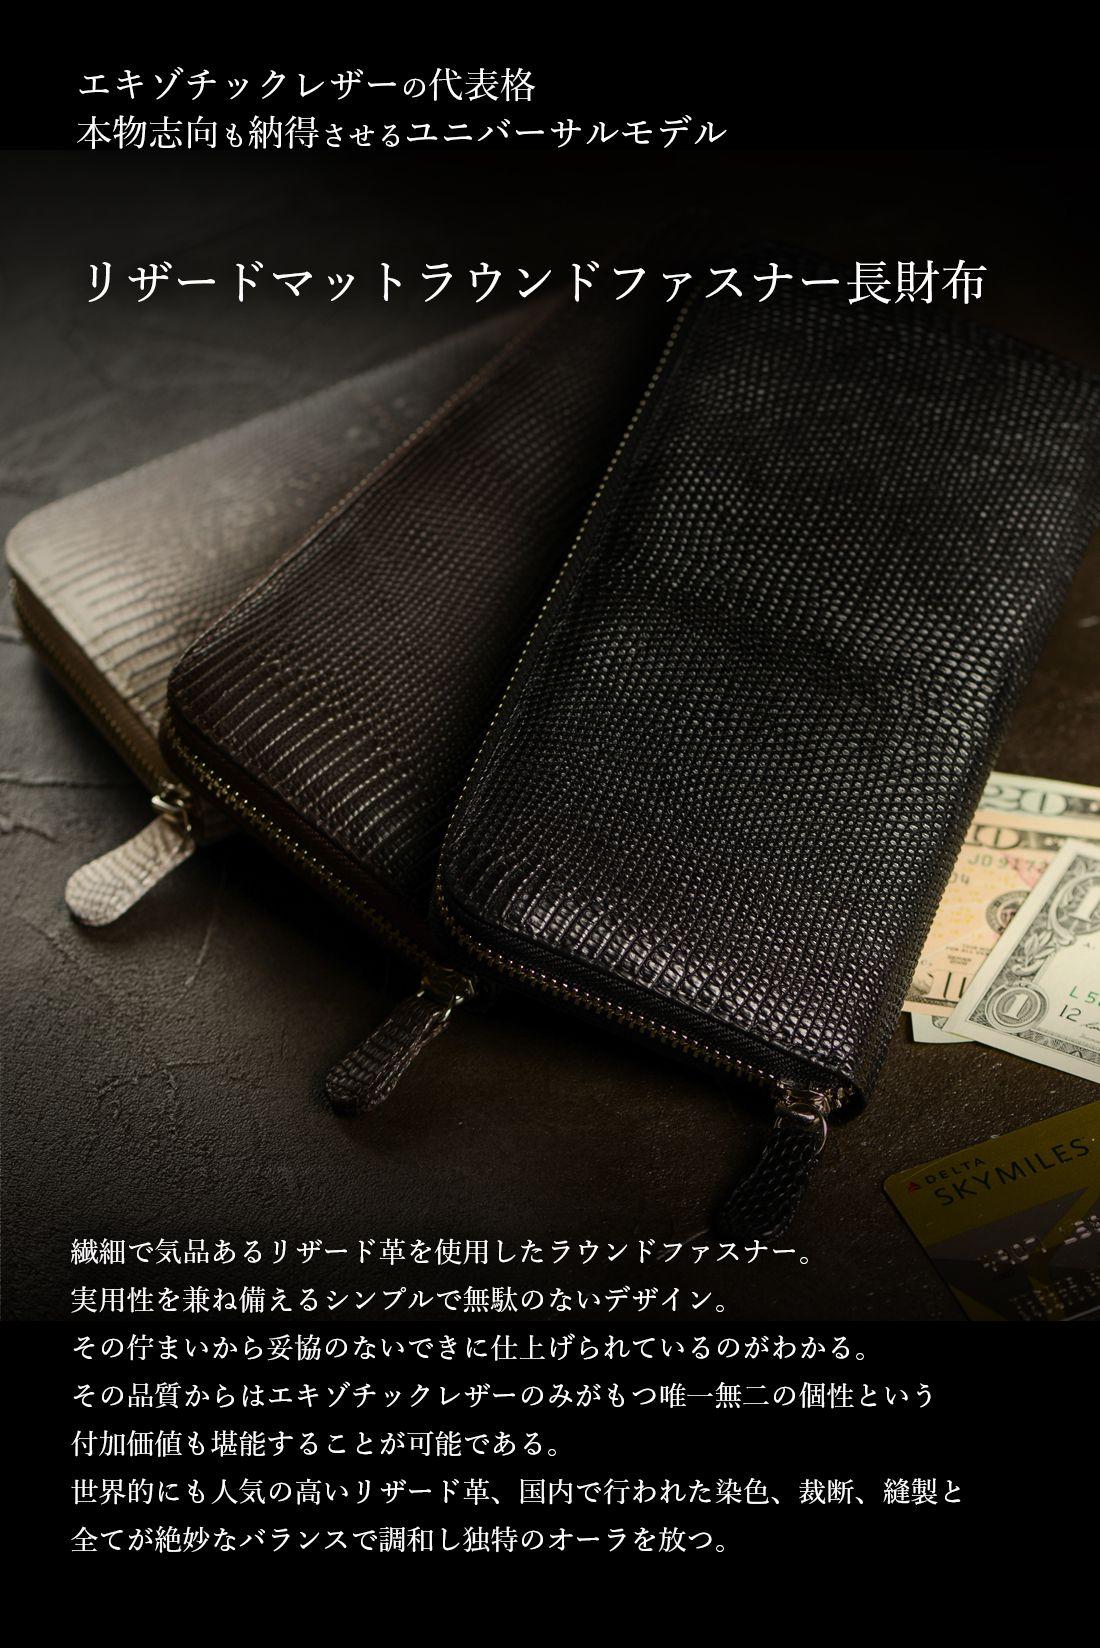 リザード リングマークトカゲ 財布 長財布 メンズ プレゼント ブランド